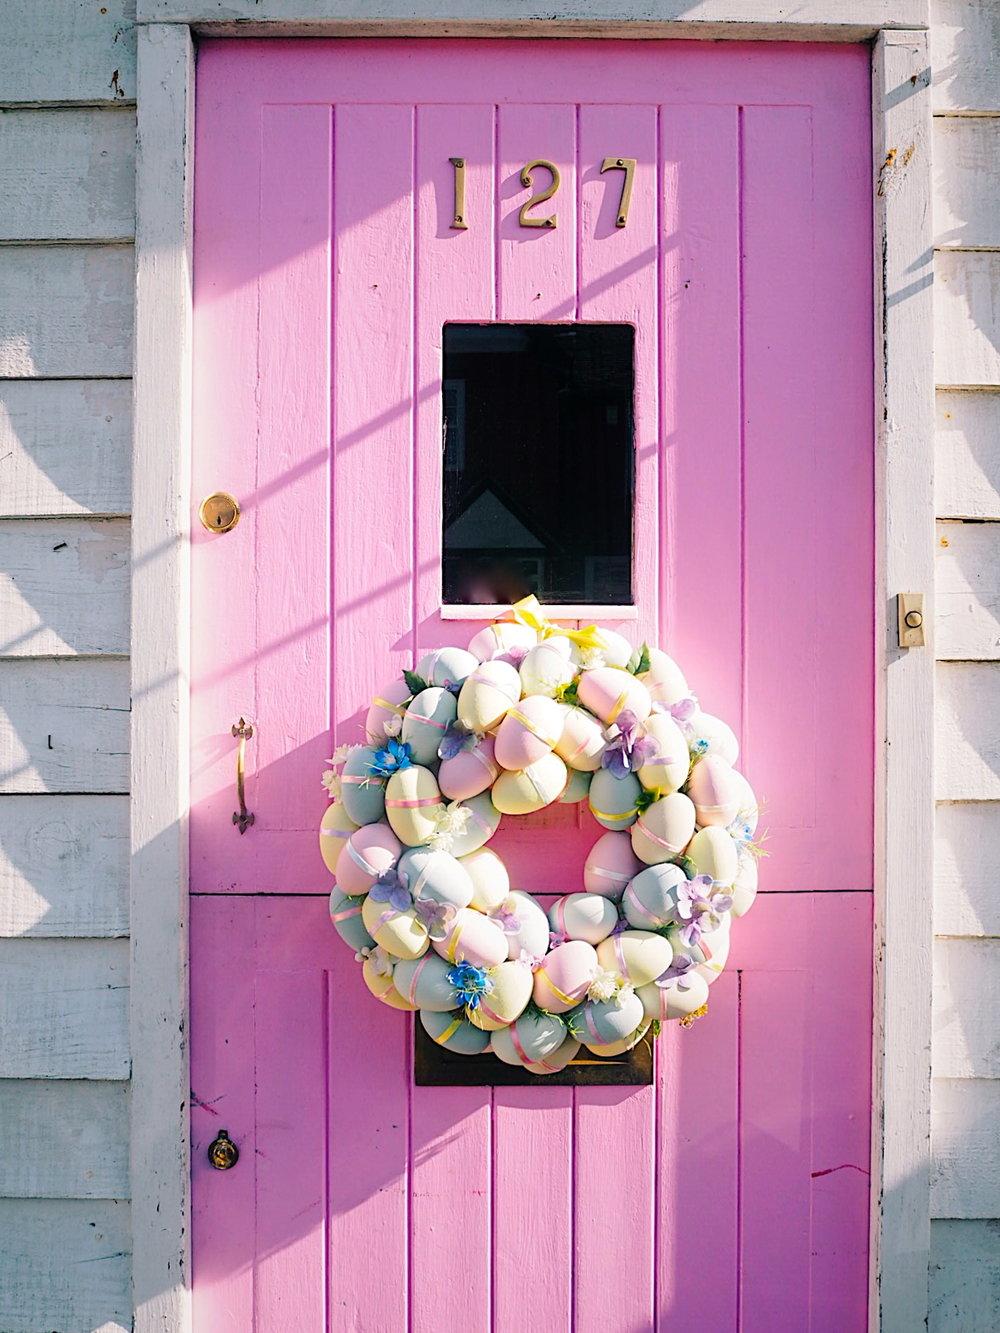 easter wreath on pink door.jpg